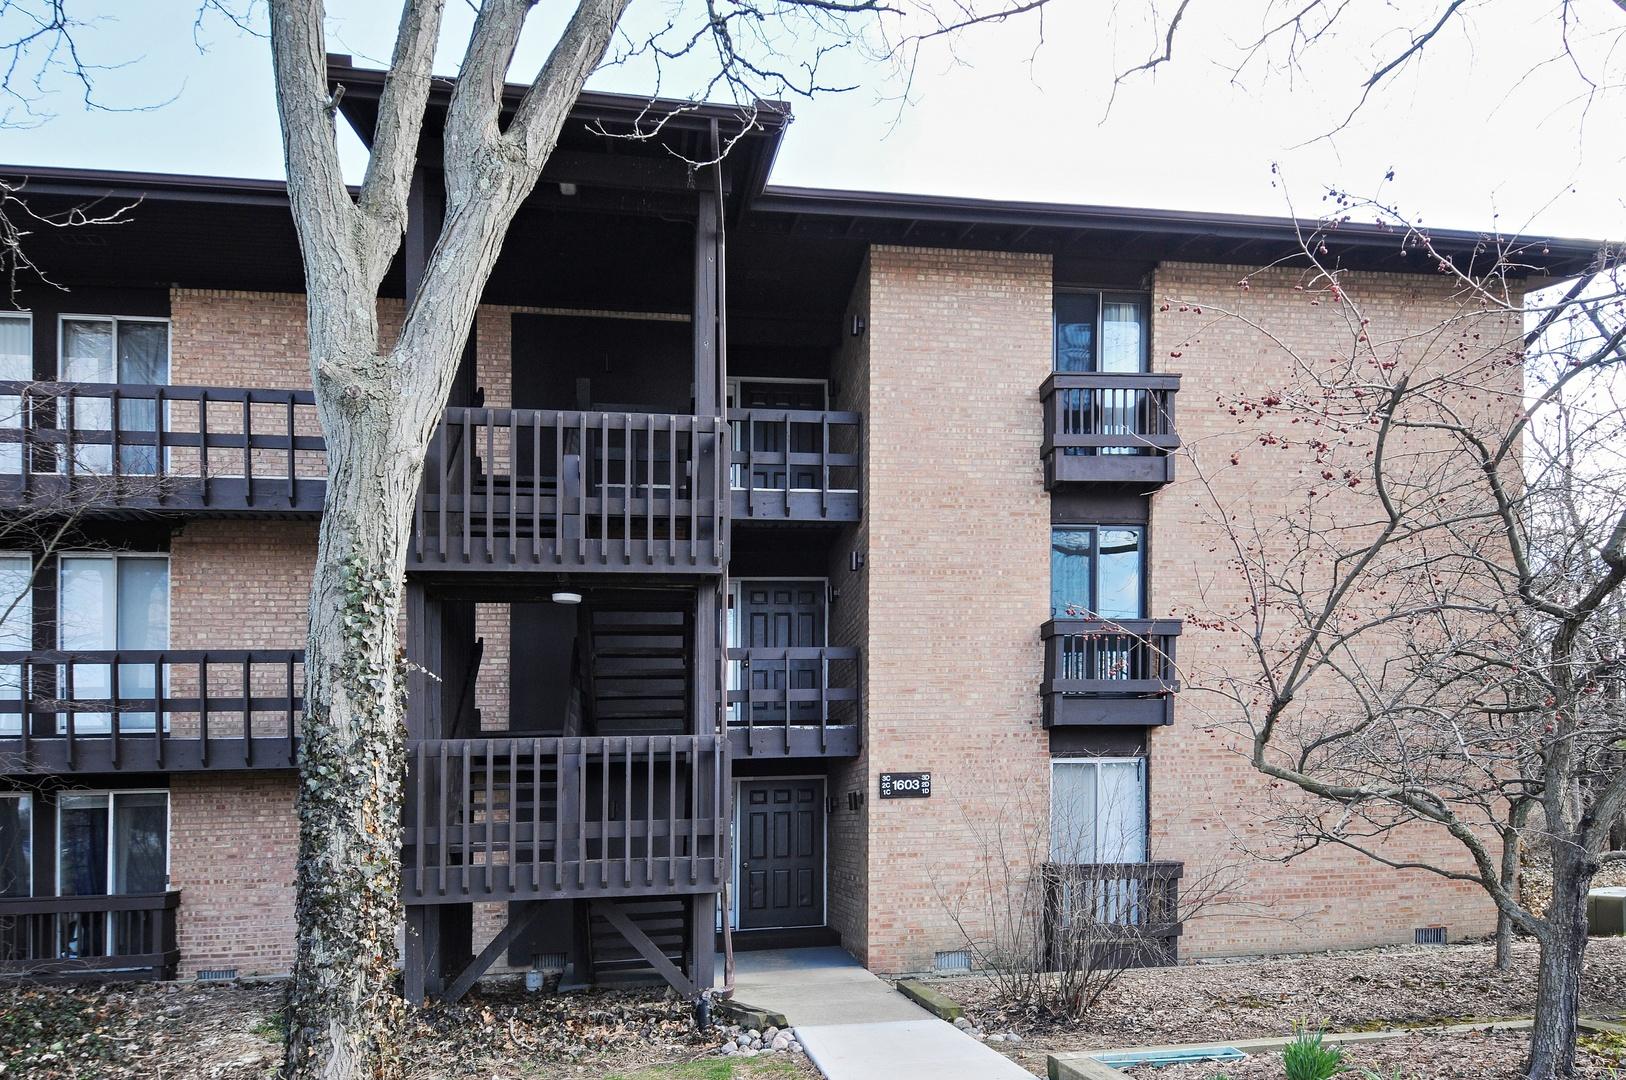 ... 1603 Maple Terrace, #2D, Lisle, IL 60532 ...